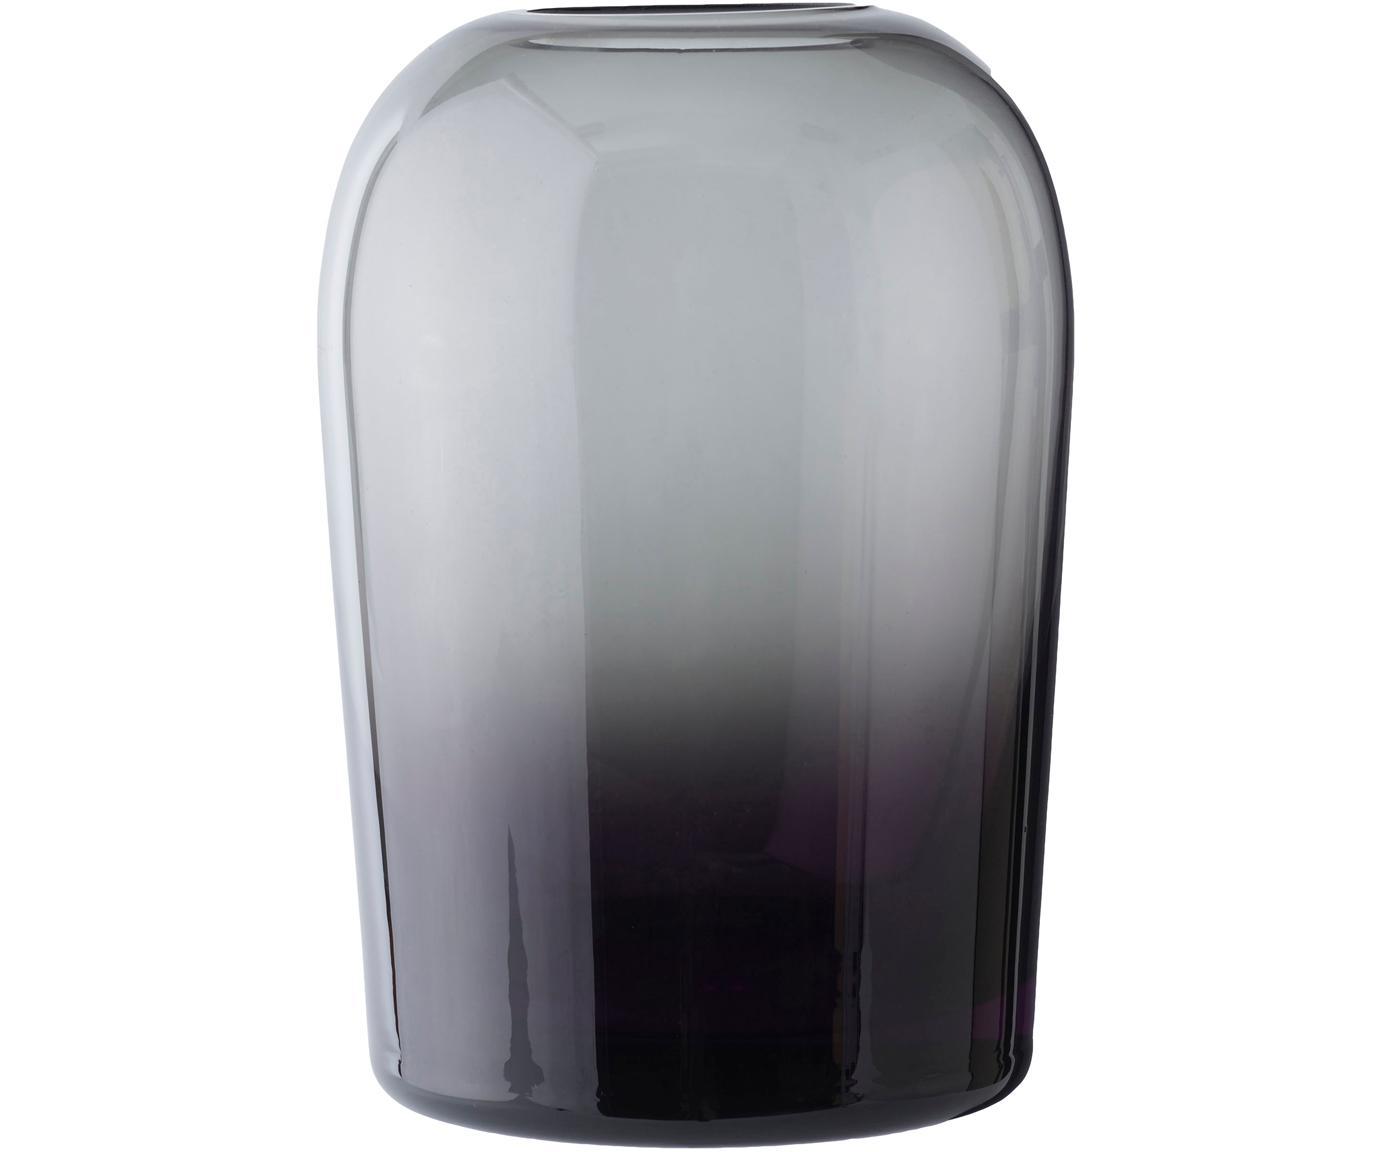 Vaso in vetro soffiato Troll, Vetro, gonfiabile, Grigio cipria, Ø 13 cm